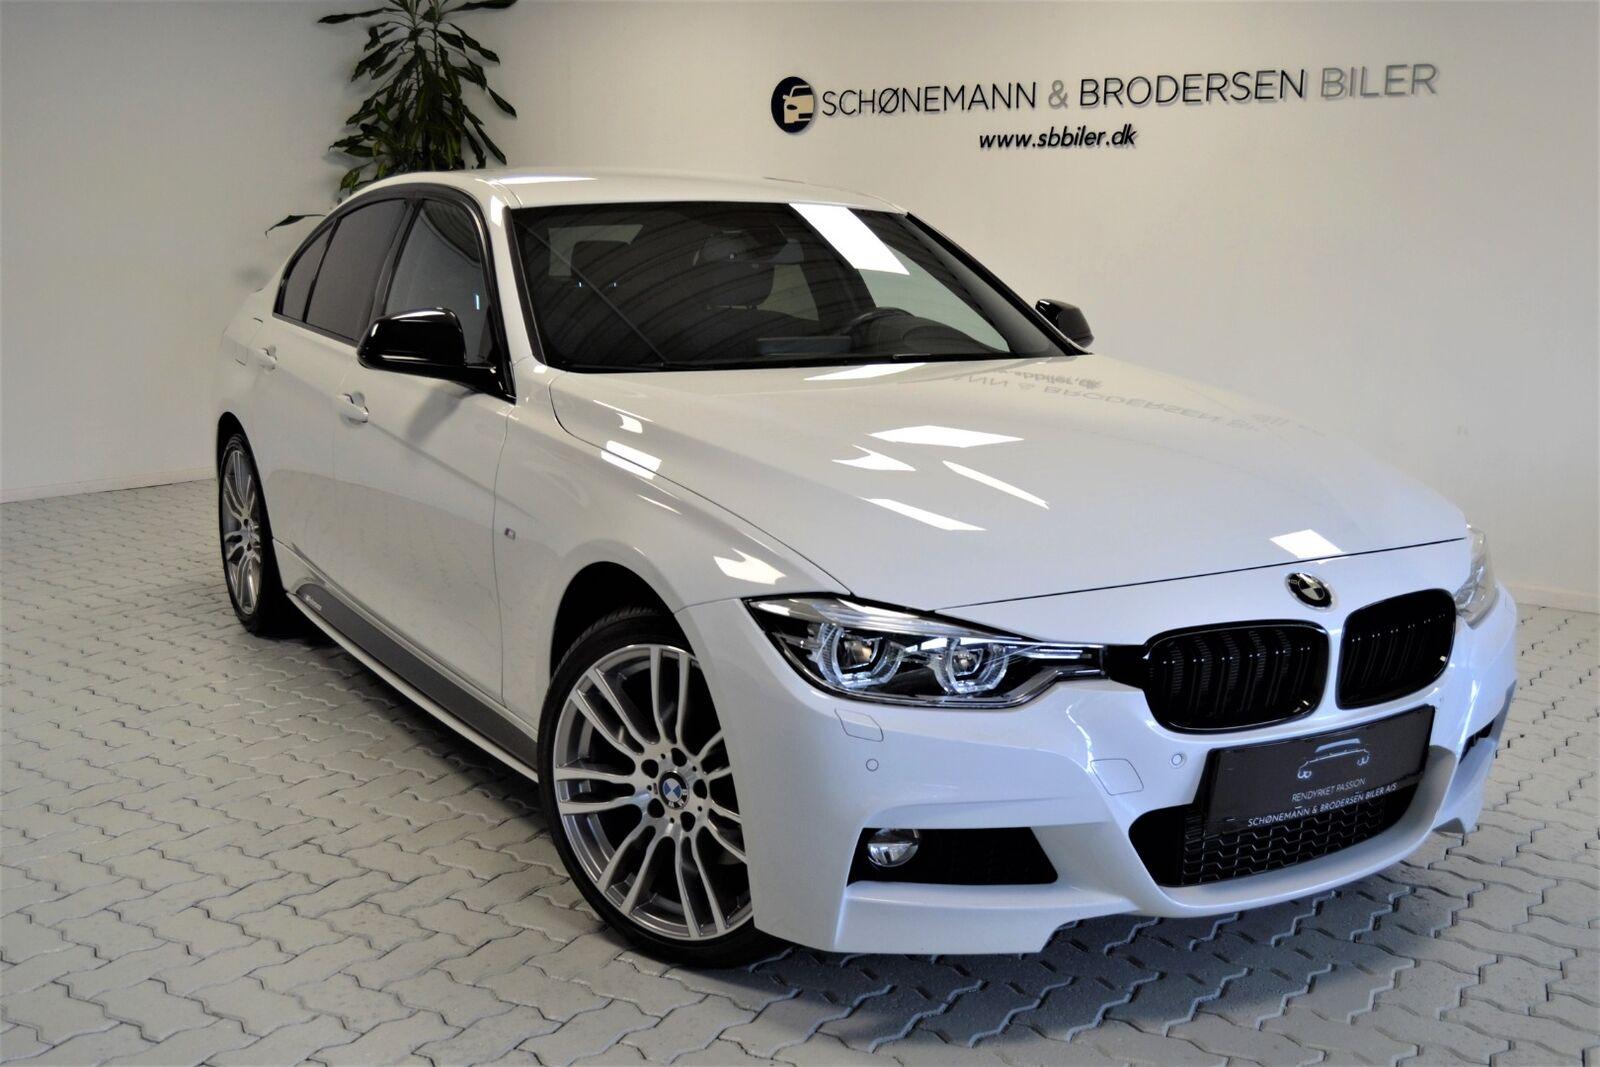 BMW 330i 2,0 M-Sport xDrive aut. 4d - 469.900 kr.